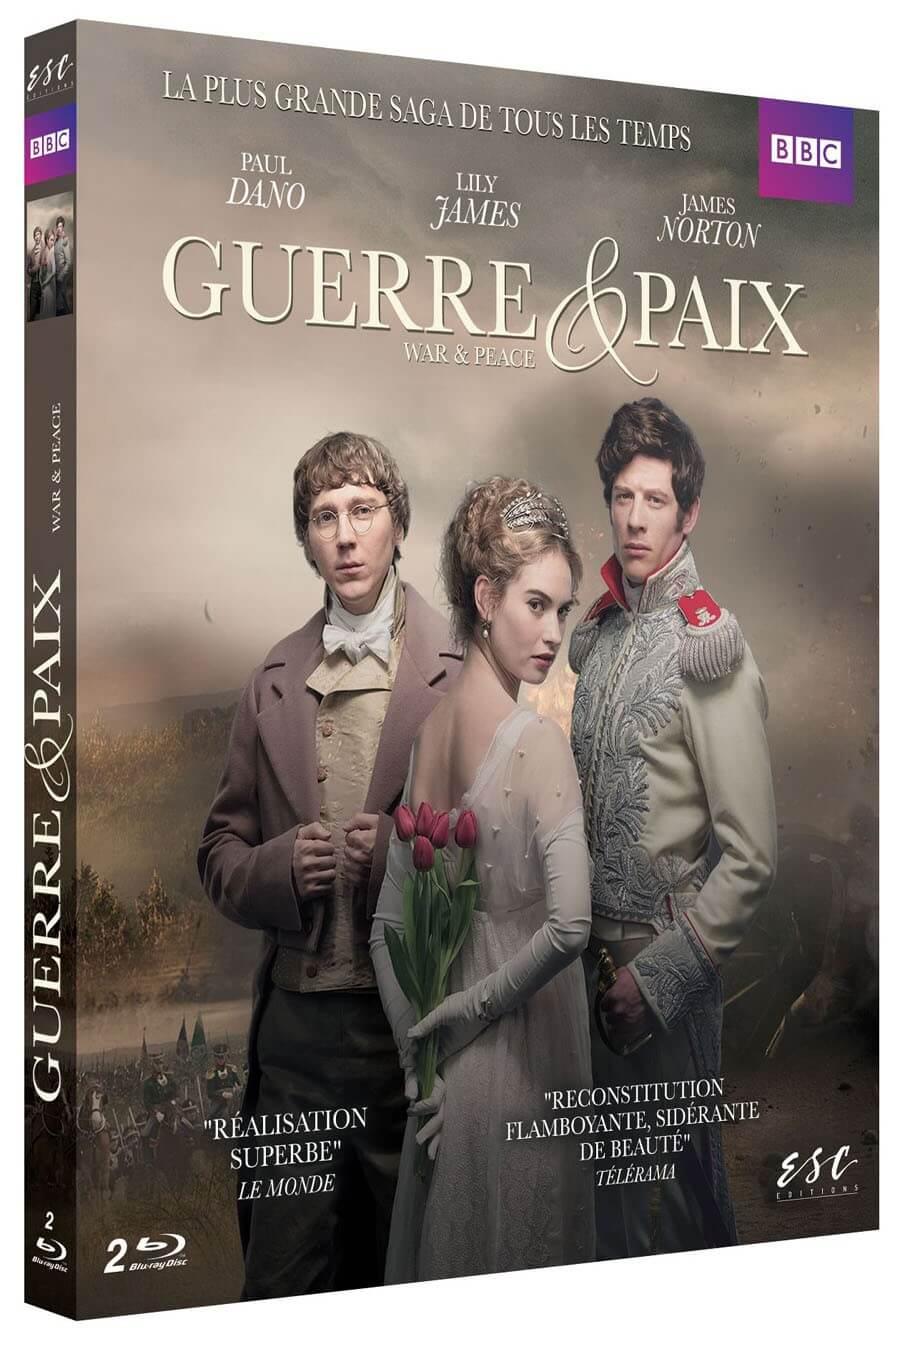 GUERRE & PAIX